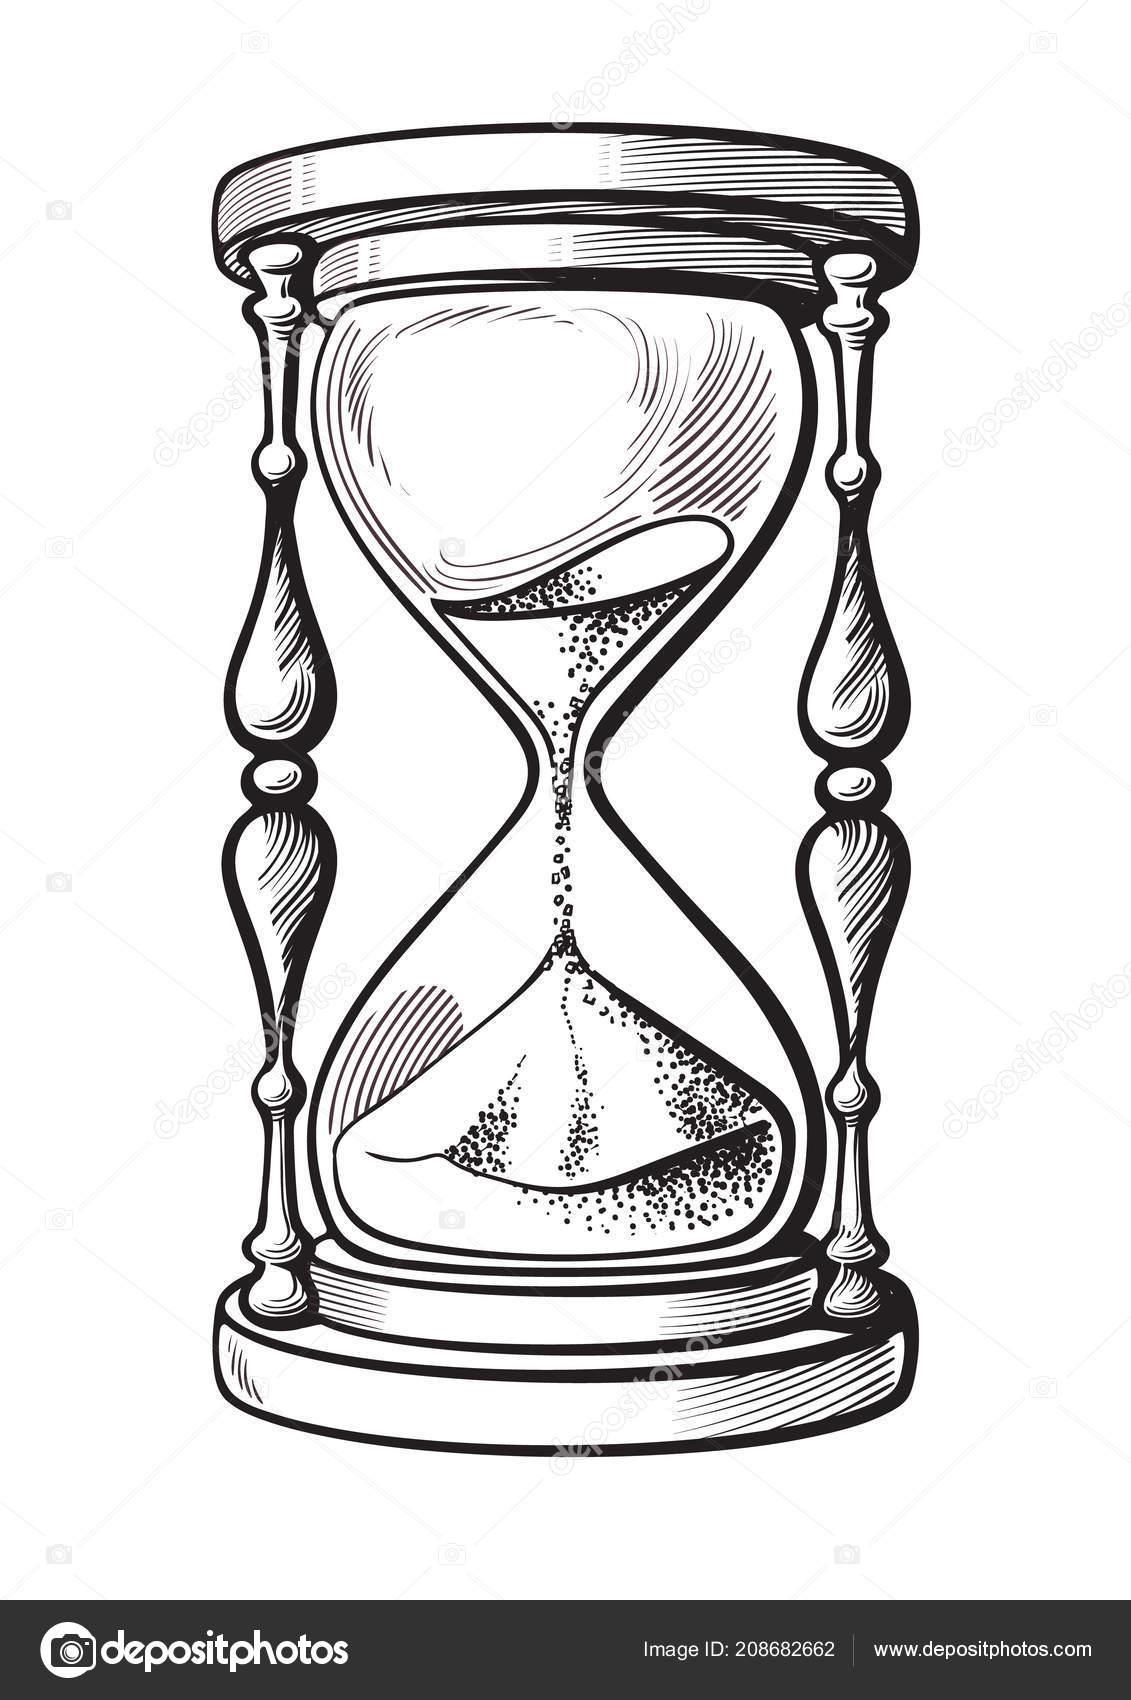 Reloj De Arena Dibujo De Vector Dibujado Mano Blanco Y Negro